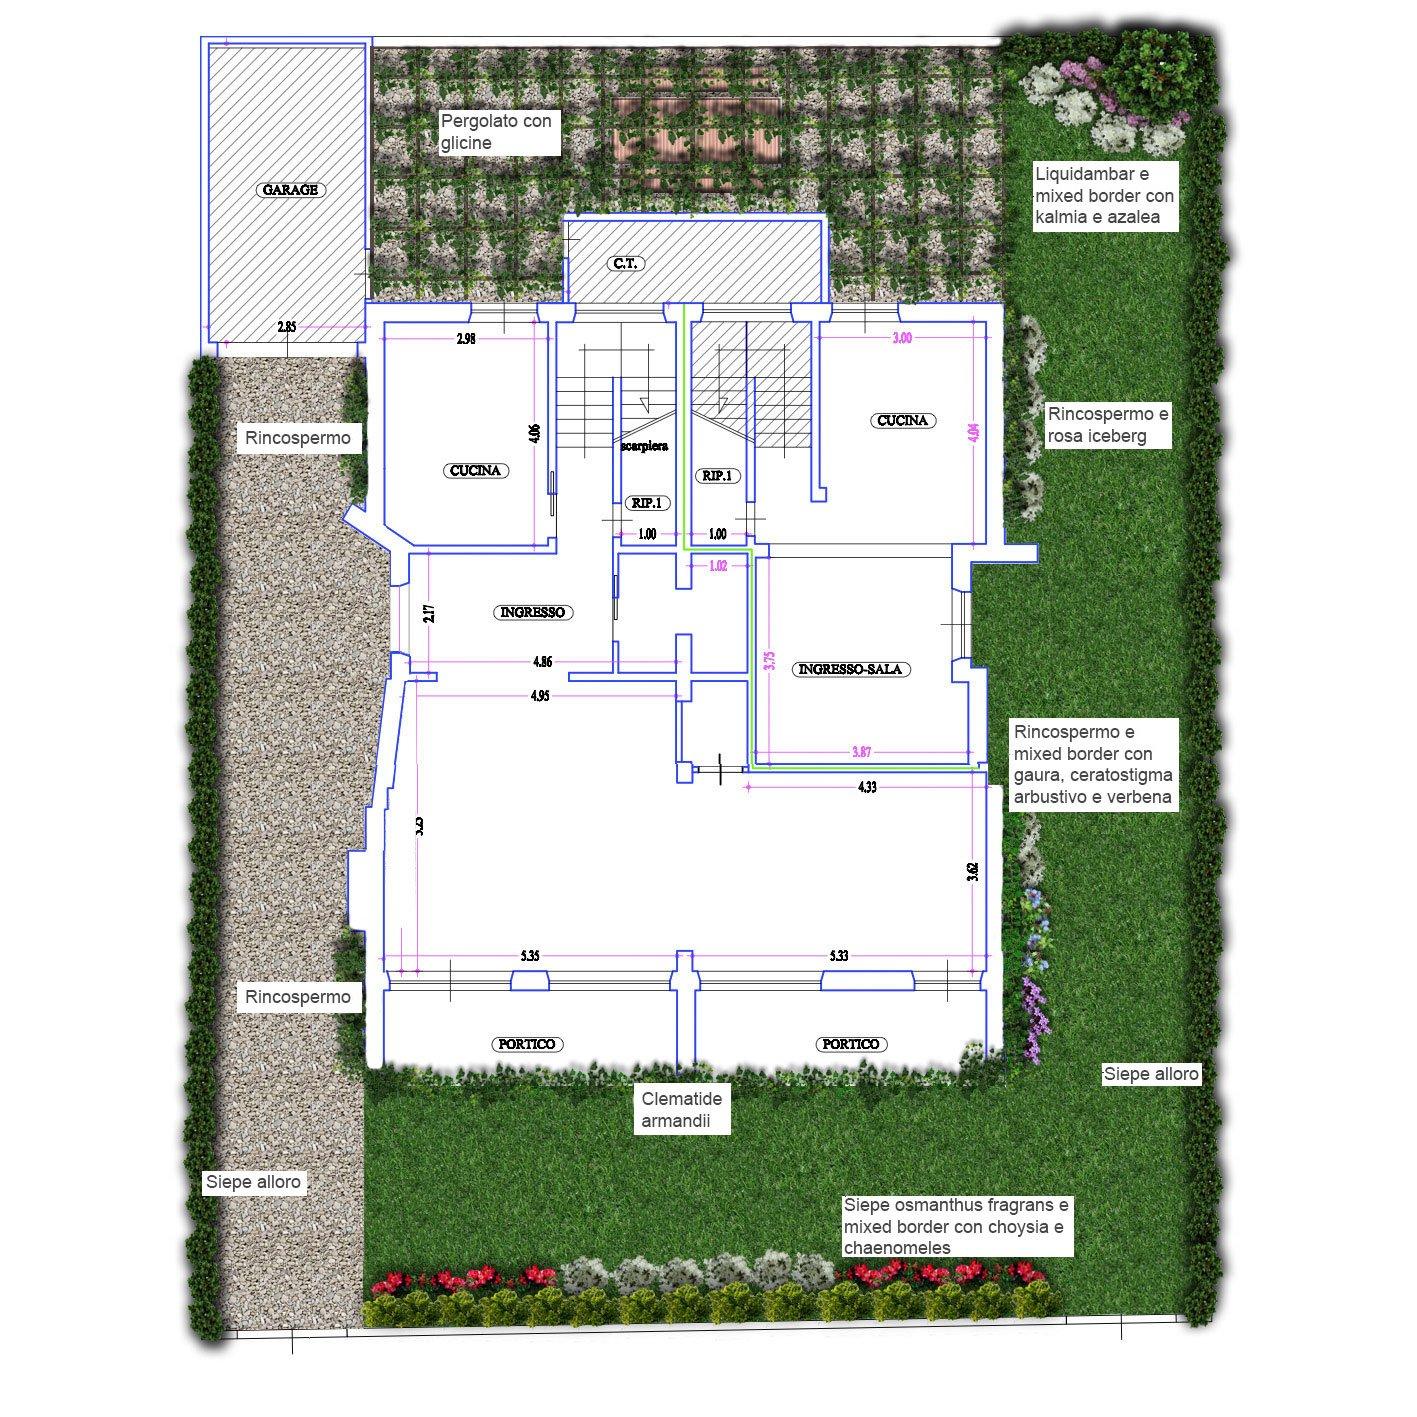 Un progetto per il giardino cose di casa for Progettare il giardino di casa